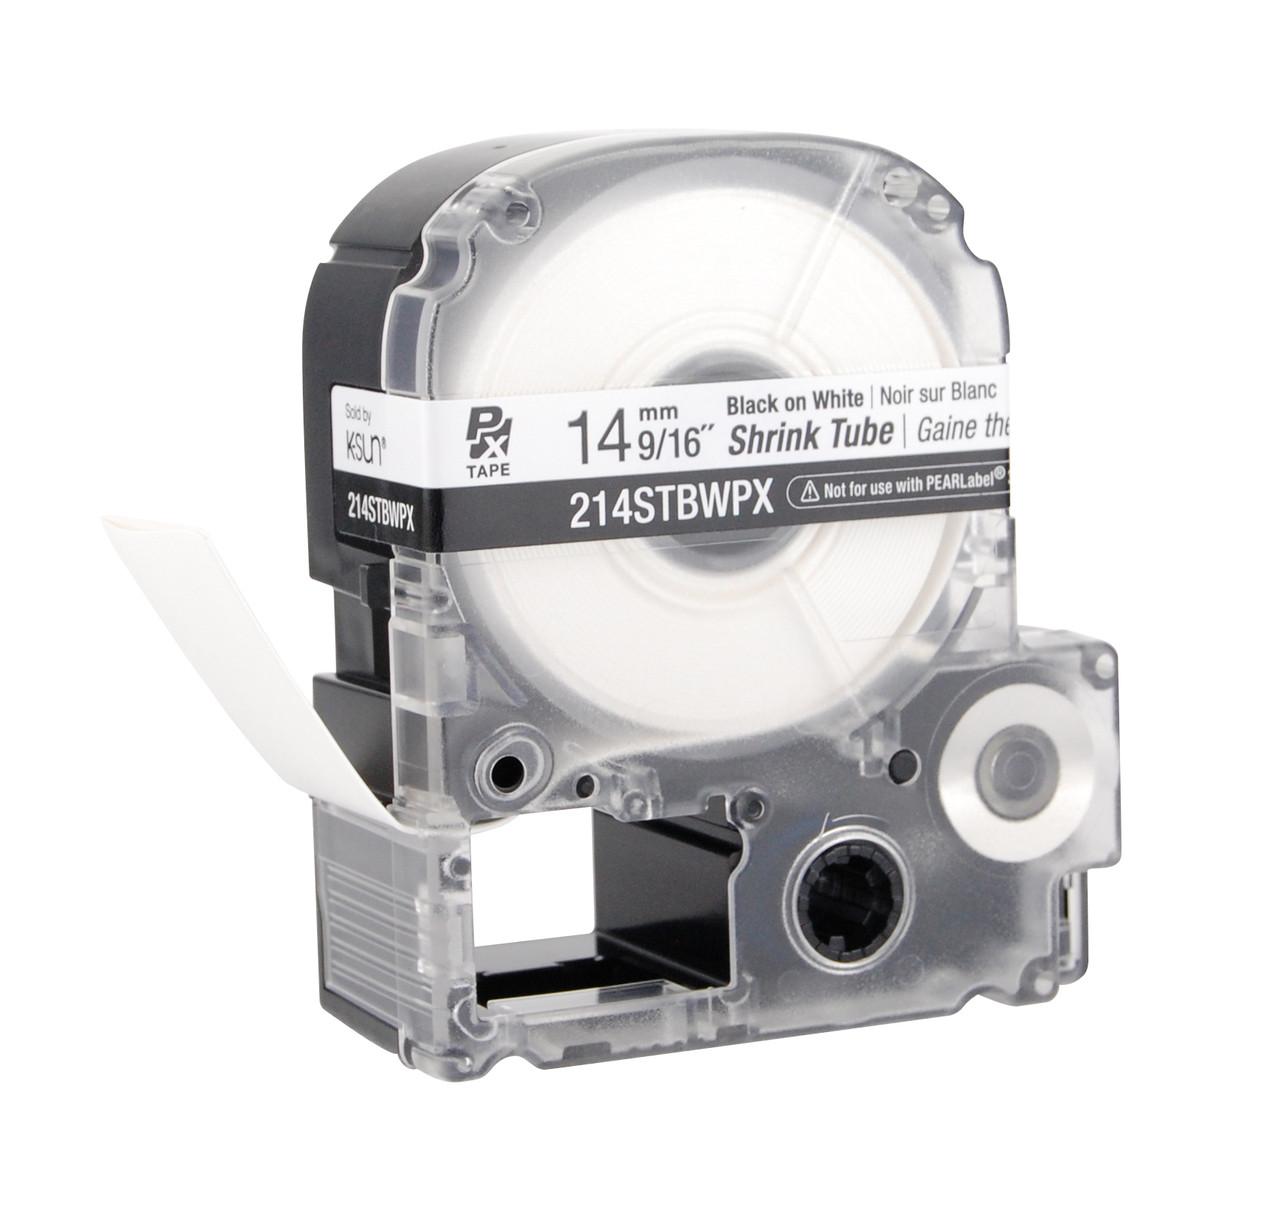 """Epson 214STBWPX 9/16"""" White Matte Heat Shrink Tube PX Tape"""